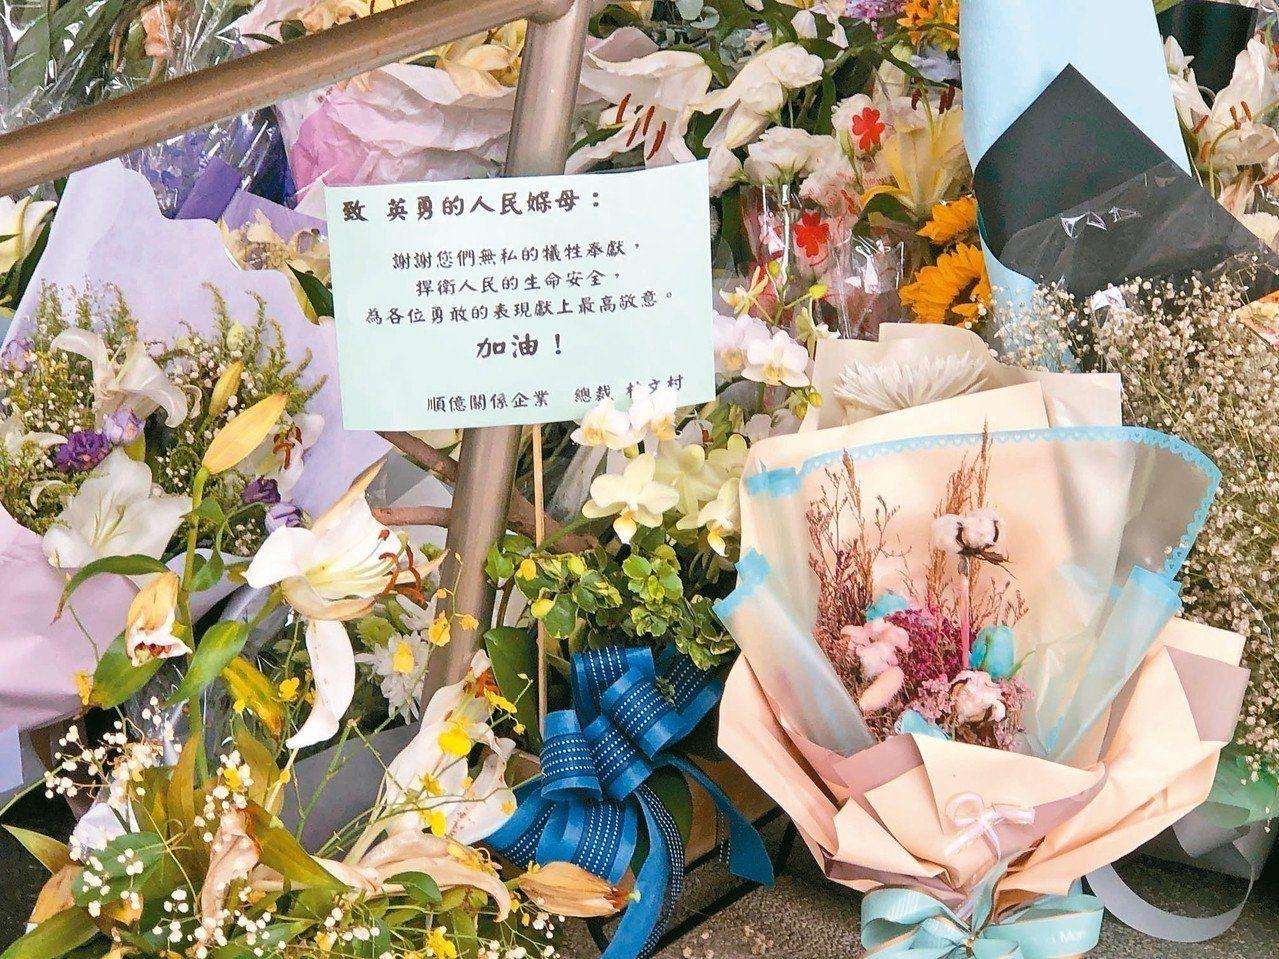 許多民眾不捨警員李承翰過世,到鐵路警察局嘉義派出所致上鮮花。本報資料照片